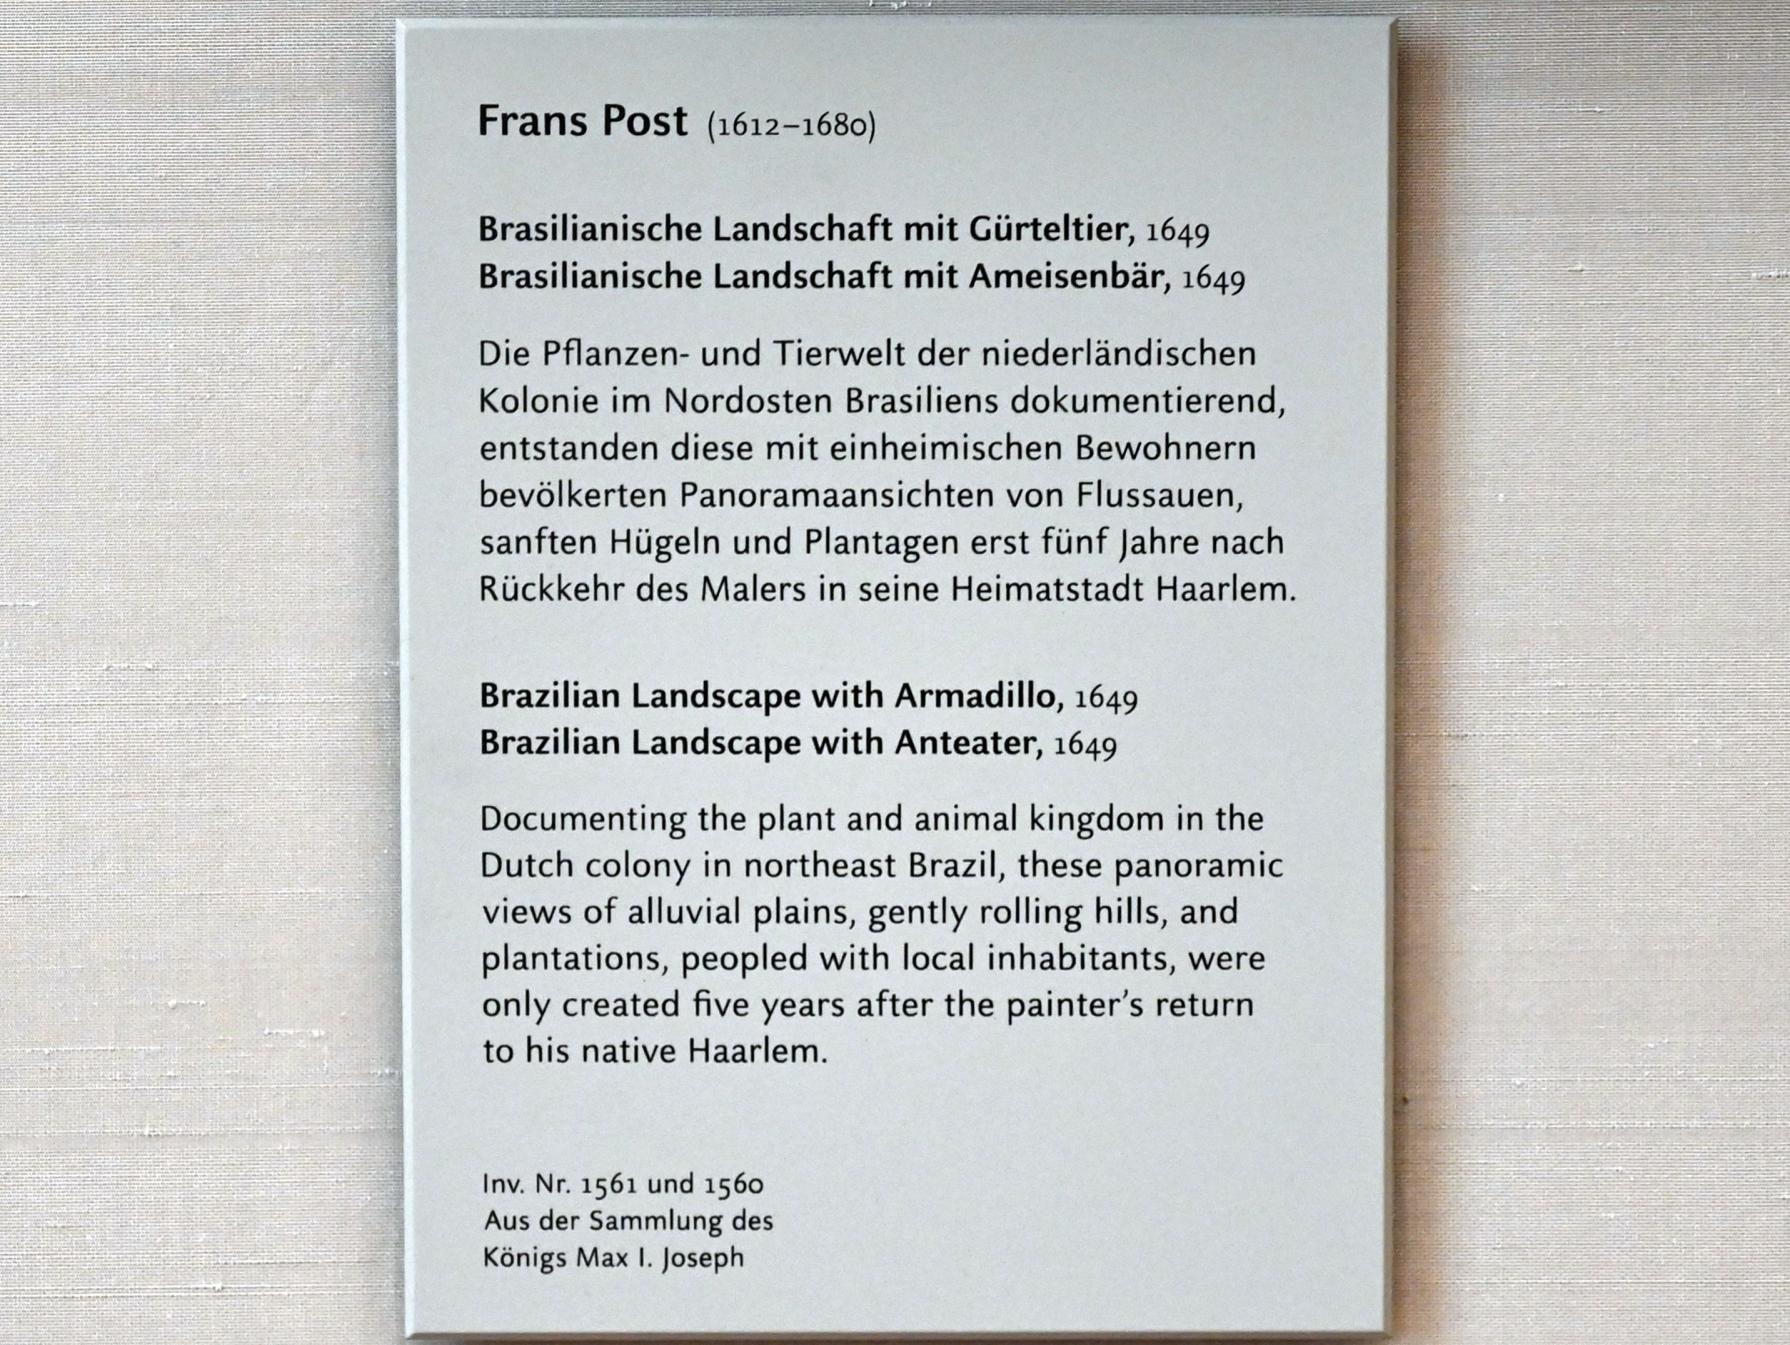 Frans Post: Brasilianische Landschaft mit Ameisenbär, 1649, Bild 2/2